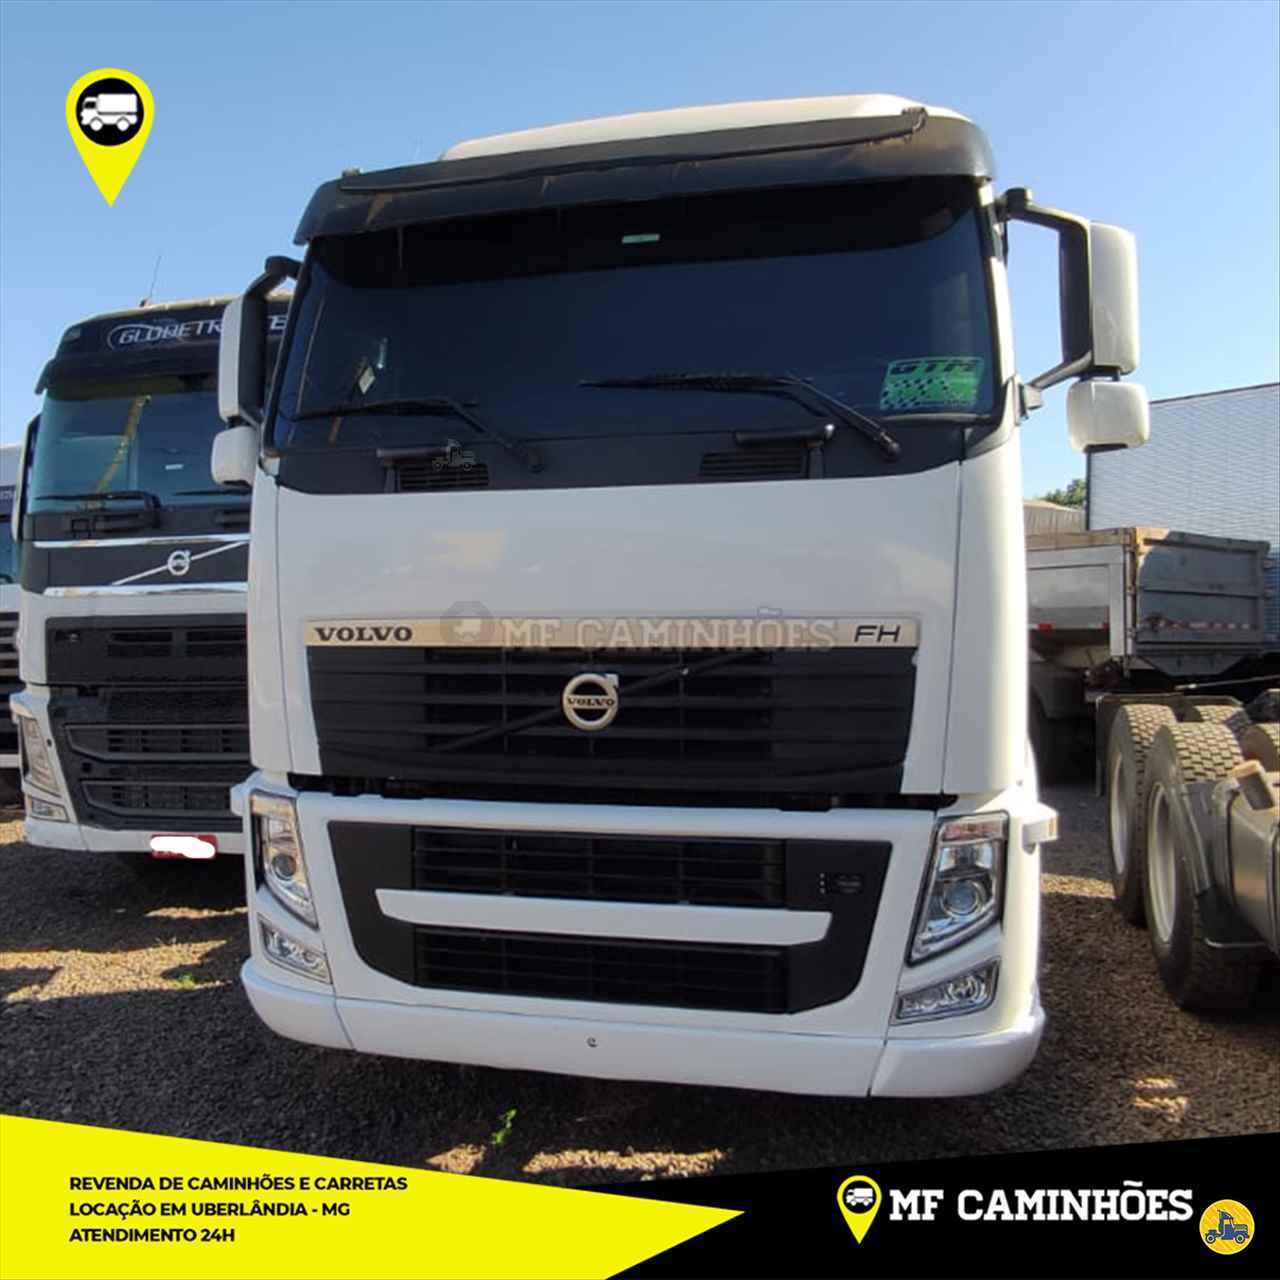 CAMINHAO VOLVO VOLVO FH 400 Cavalo Mecânico Truck 6x2 MF Caminhões UBERLANDIA MINAS GERAIS MG